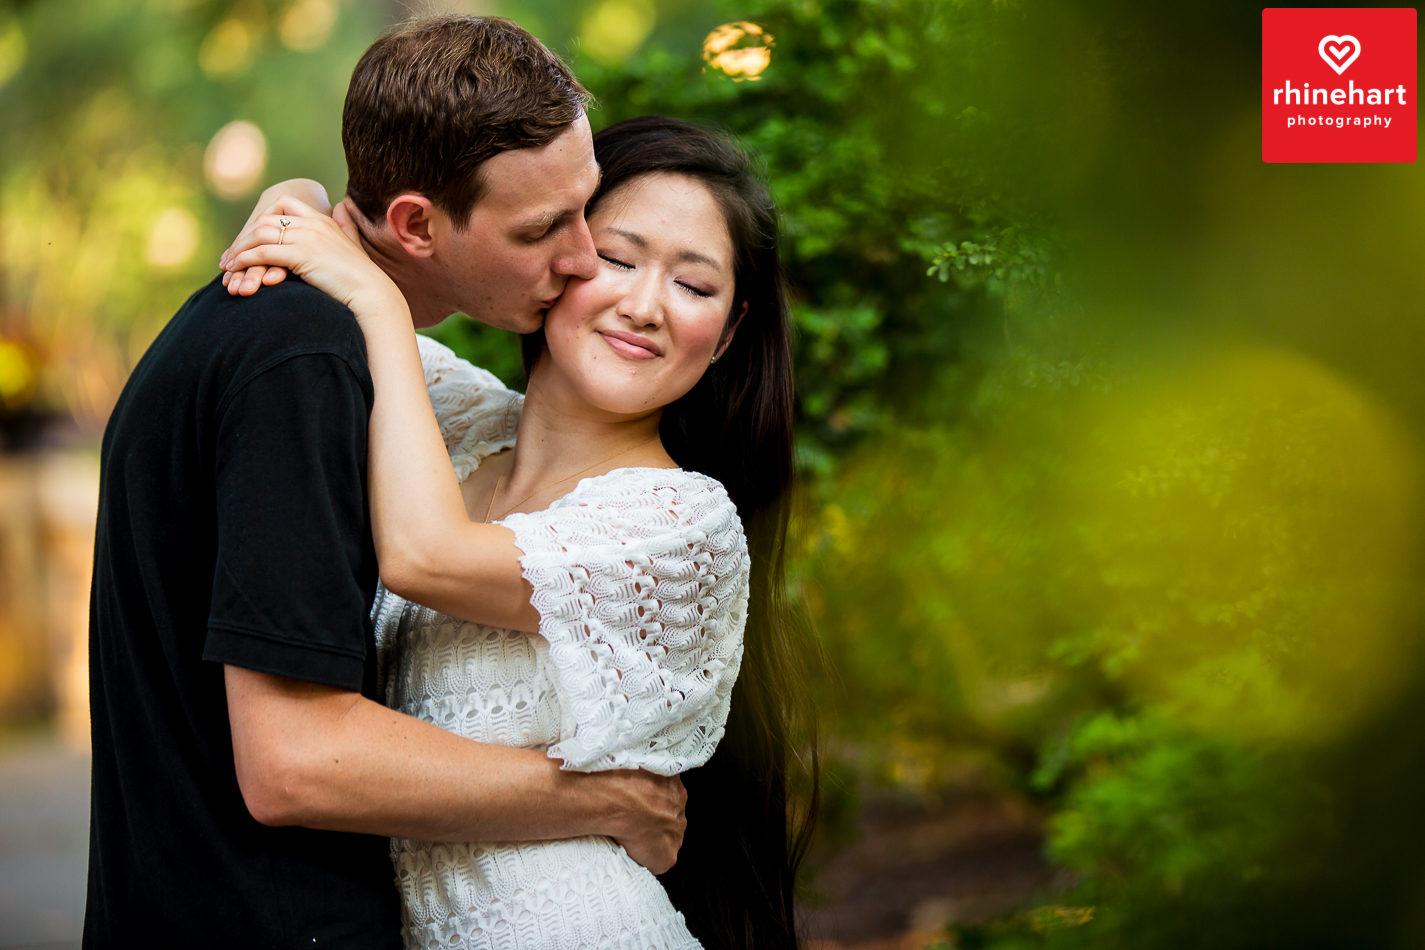 lehigh-university-wedding-engagement-photographers-creative-1